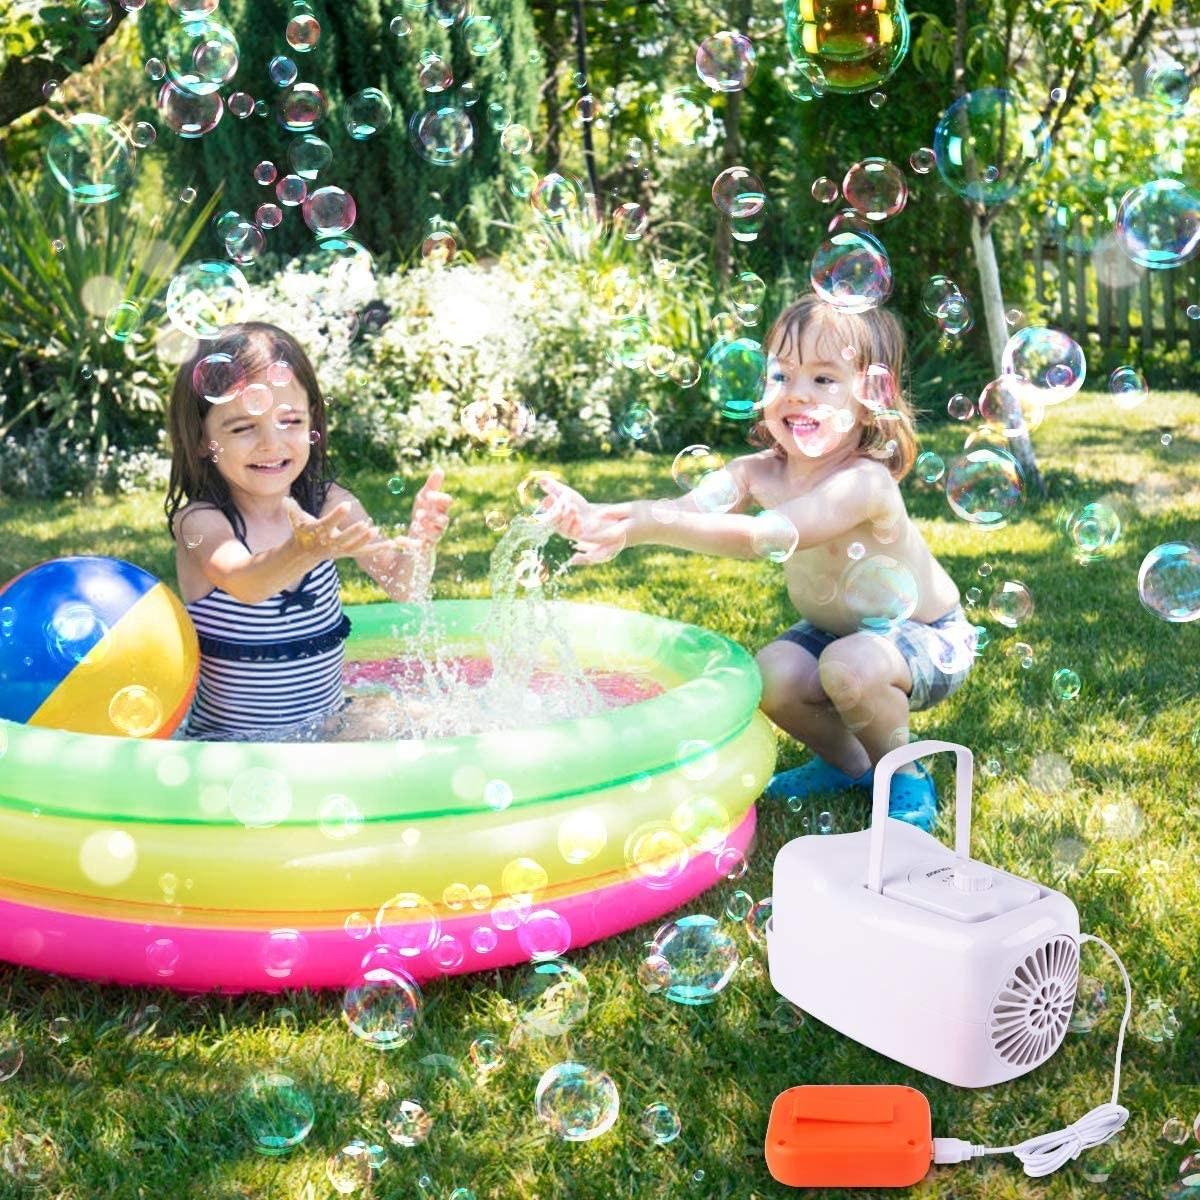 A bubble machine blowing bubbles at kids